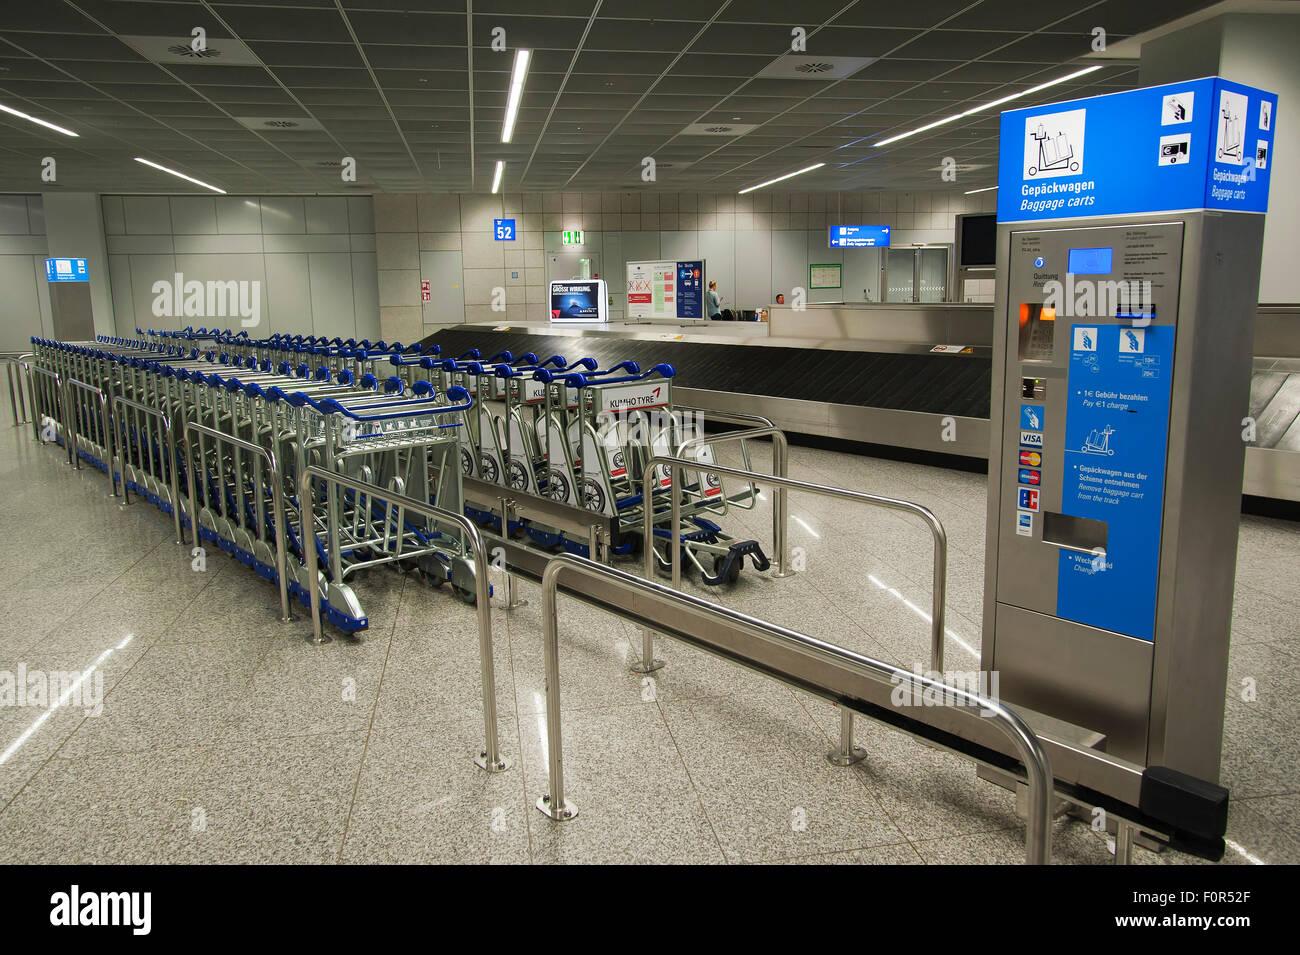 Gepäckwagen und Maschine, Flughafen, Frankfurt, Hessen, Deutschland Stockbild